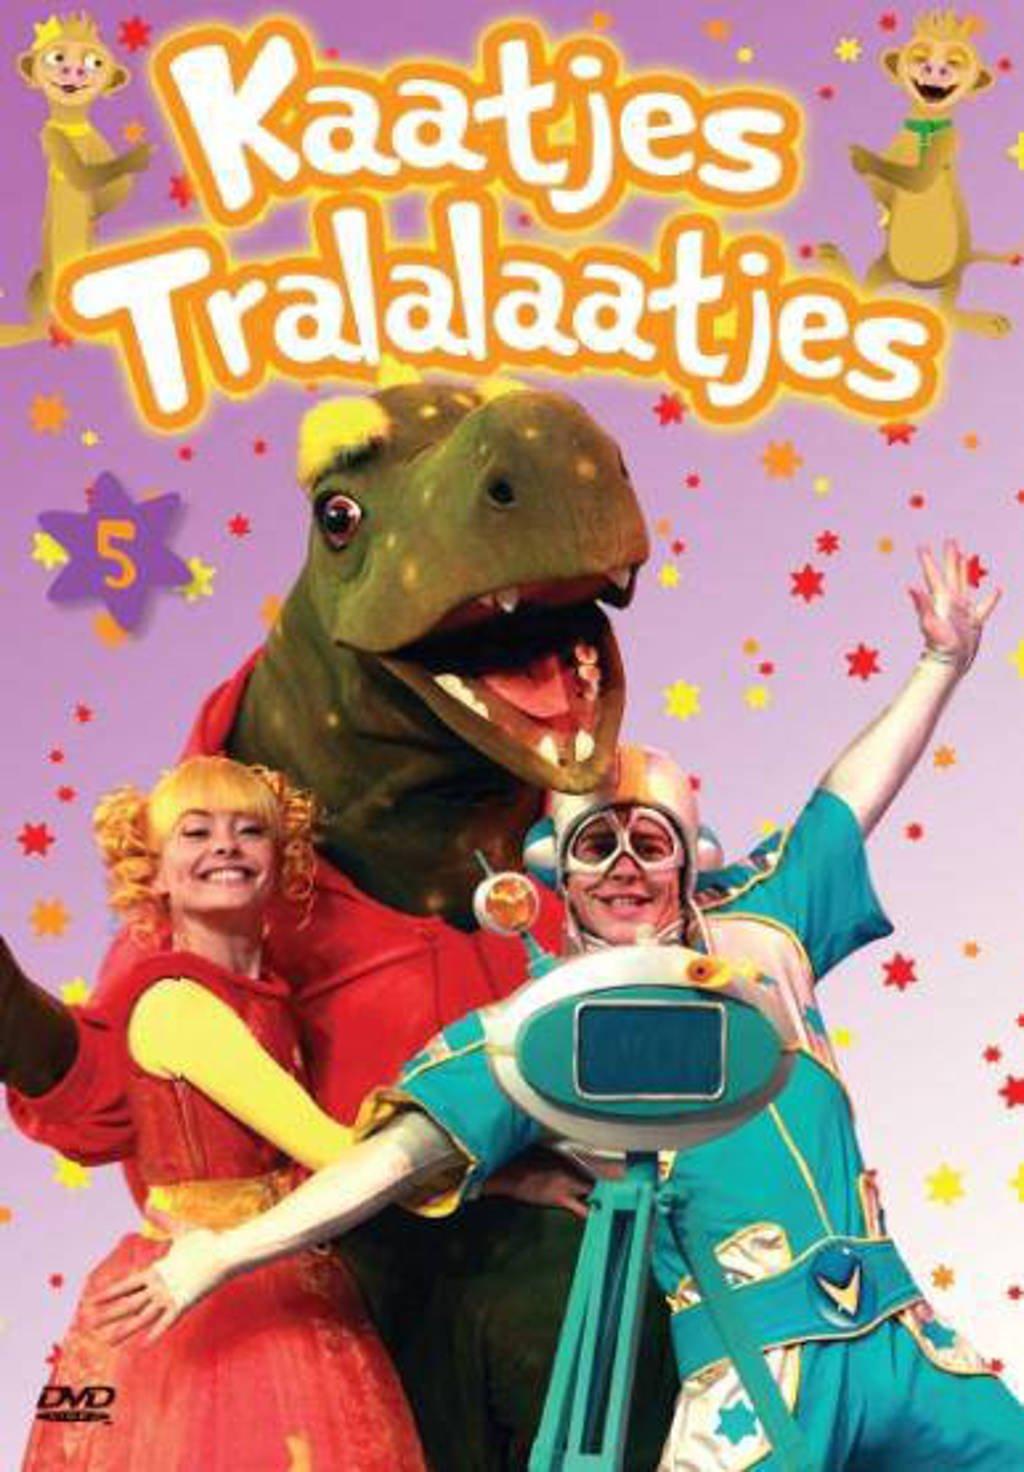 Kaatjes tralalaatjes 5 (DVD)